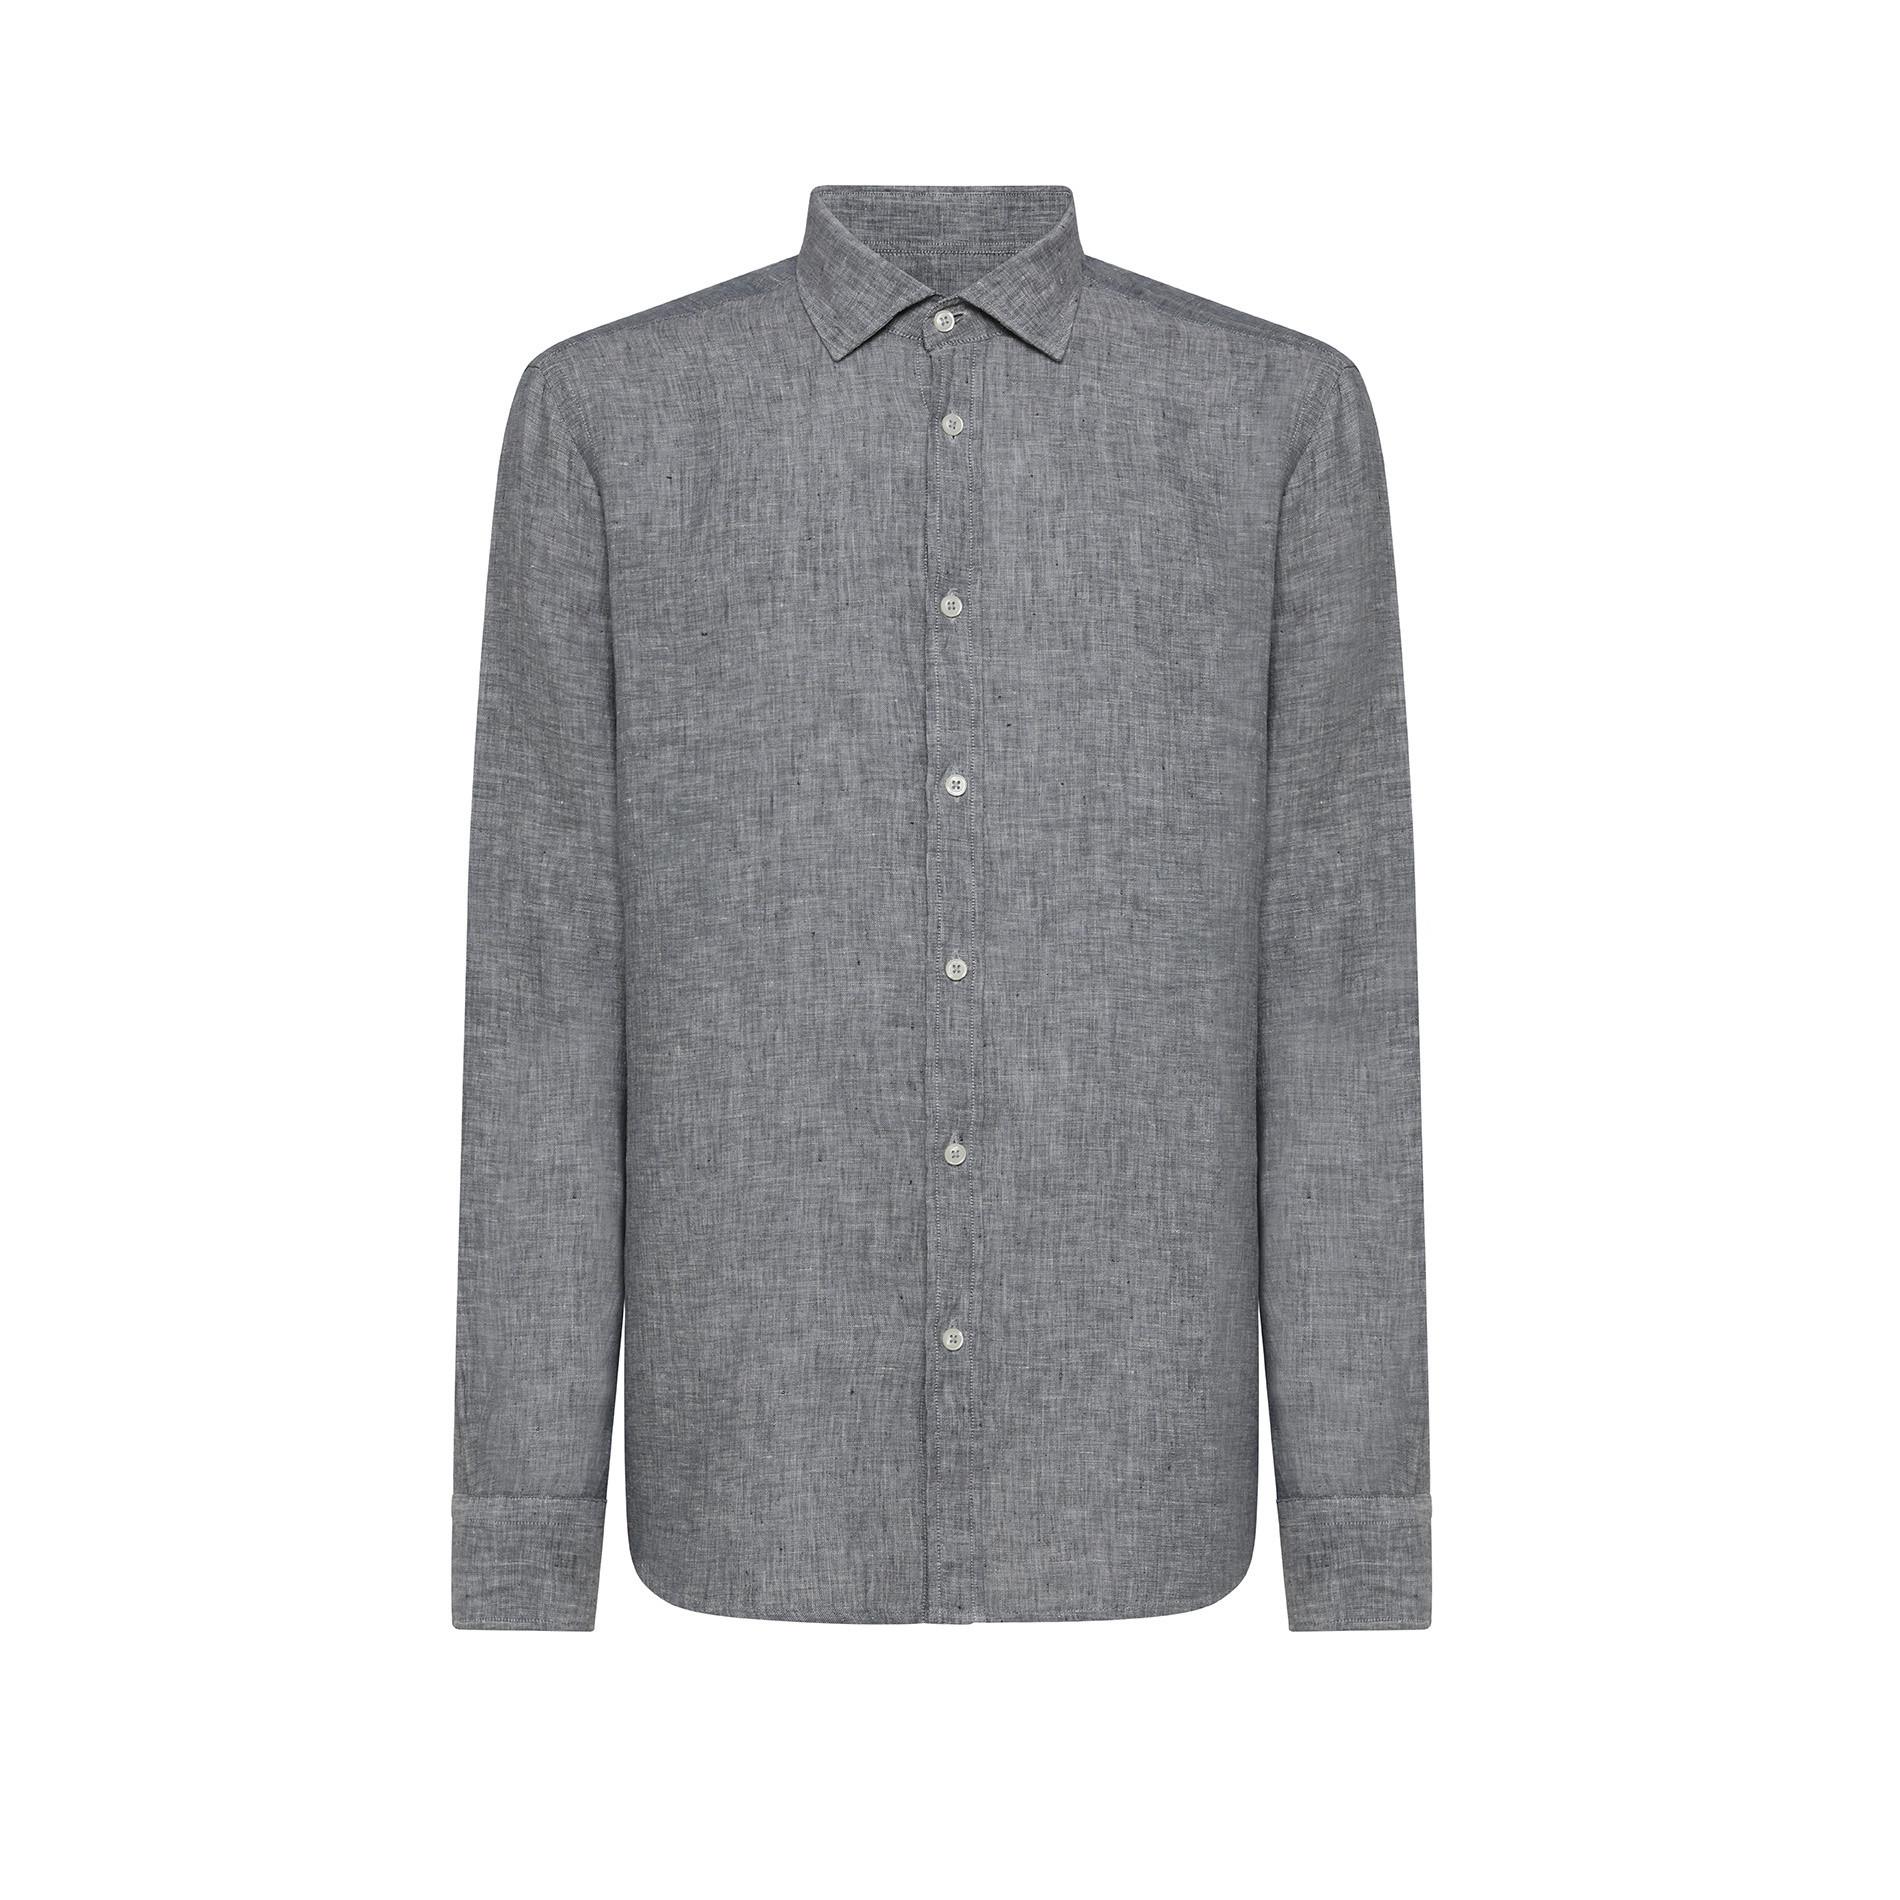 Camicia puro lino tailor fit Luca D'Altieri, Grigio, large image number 0